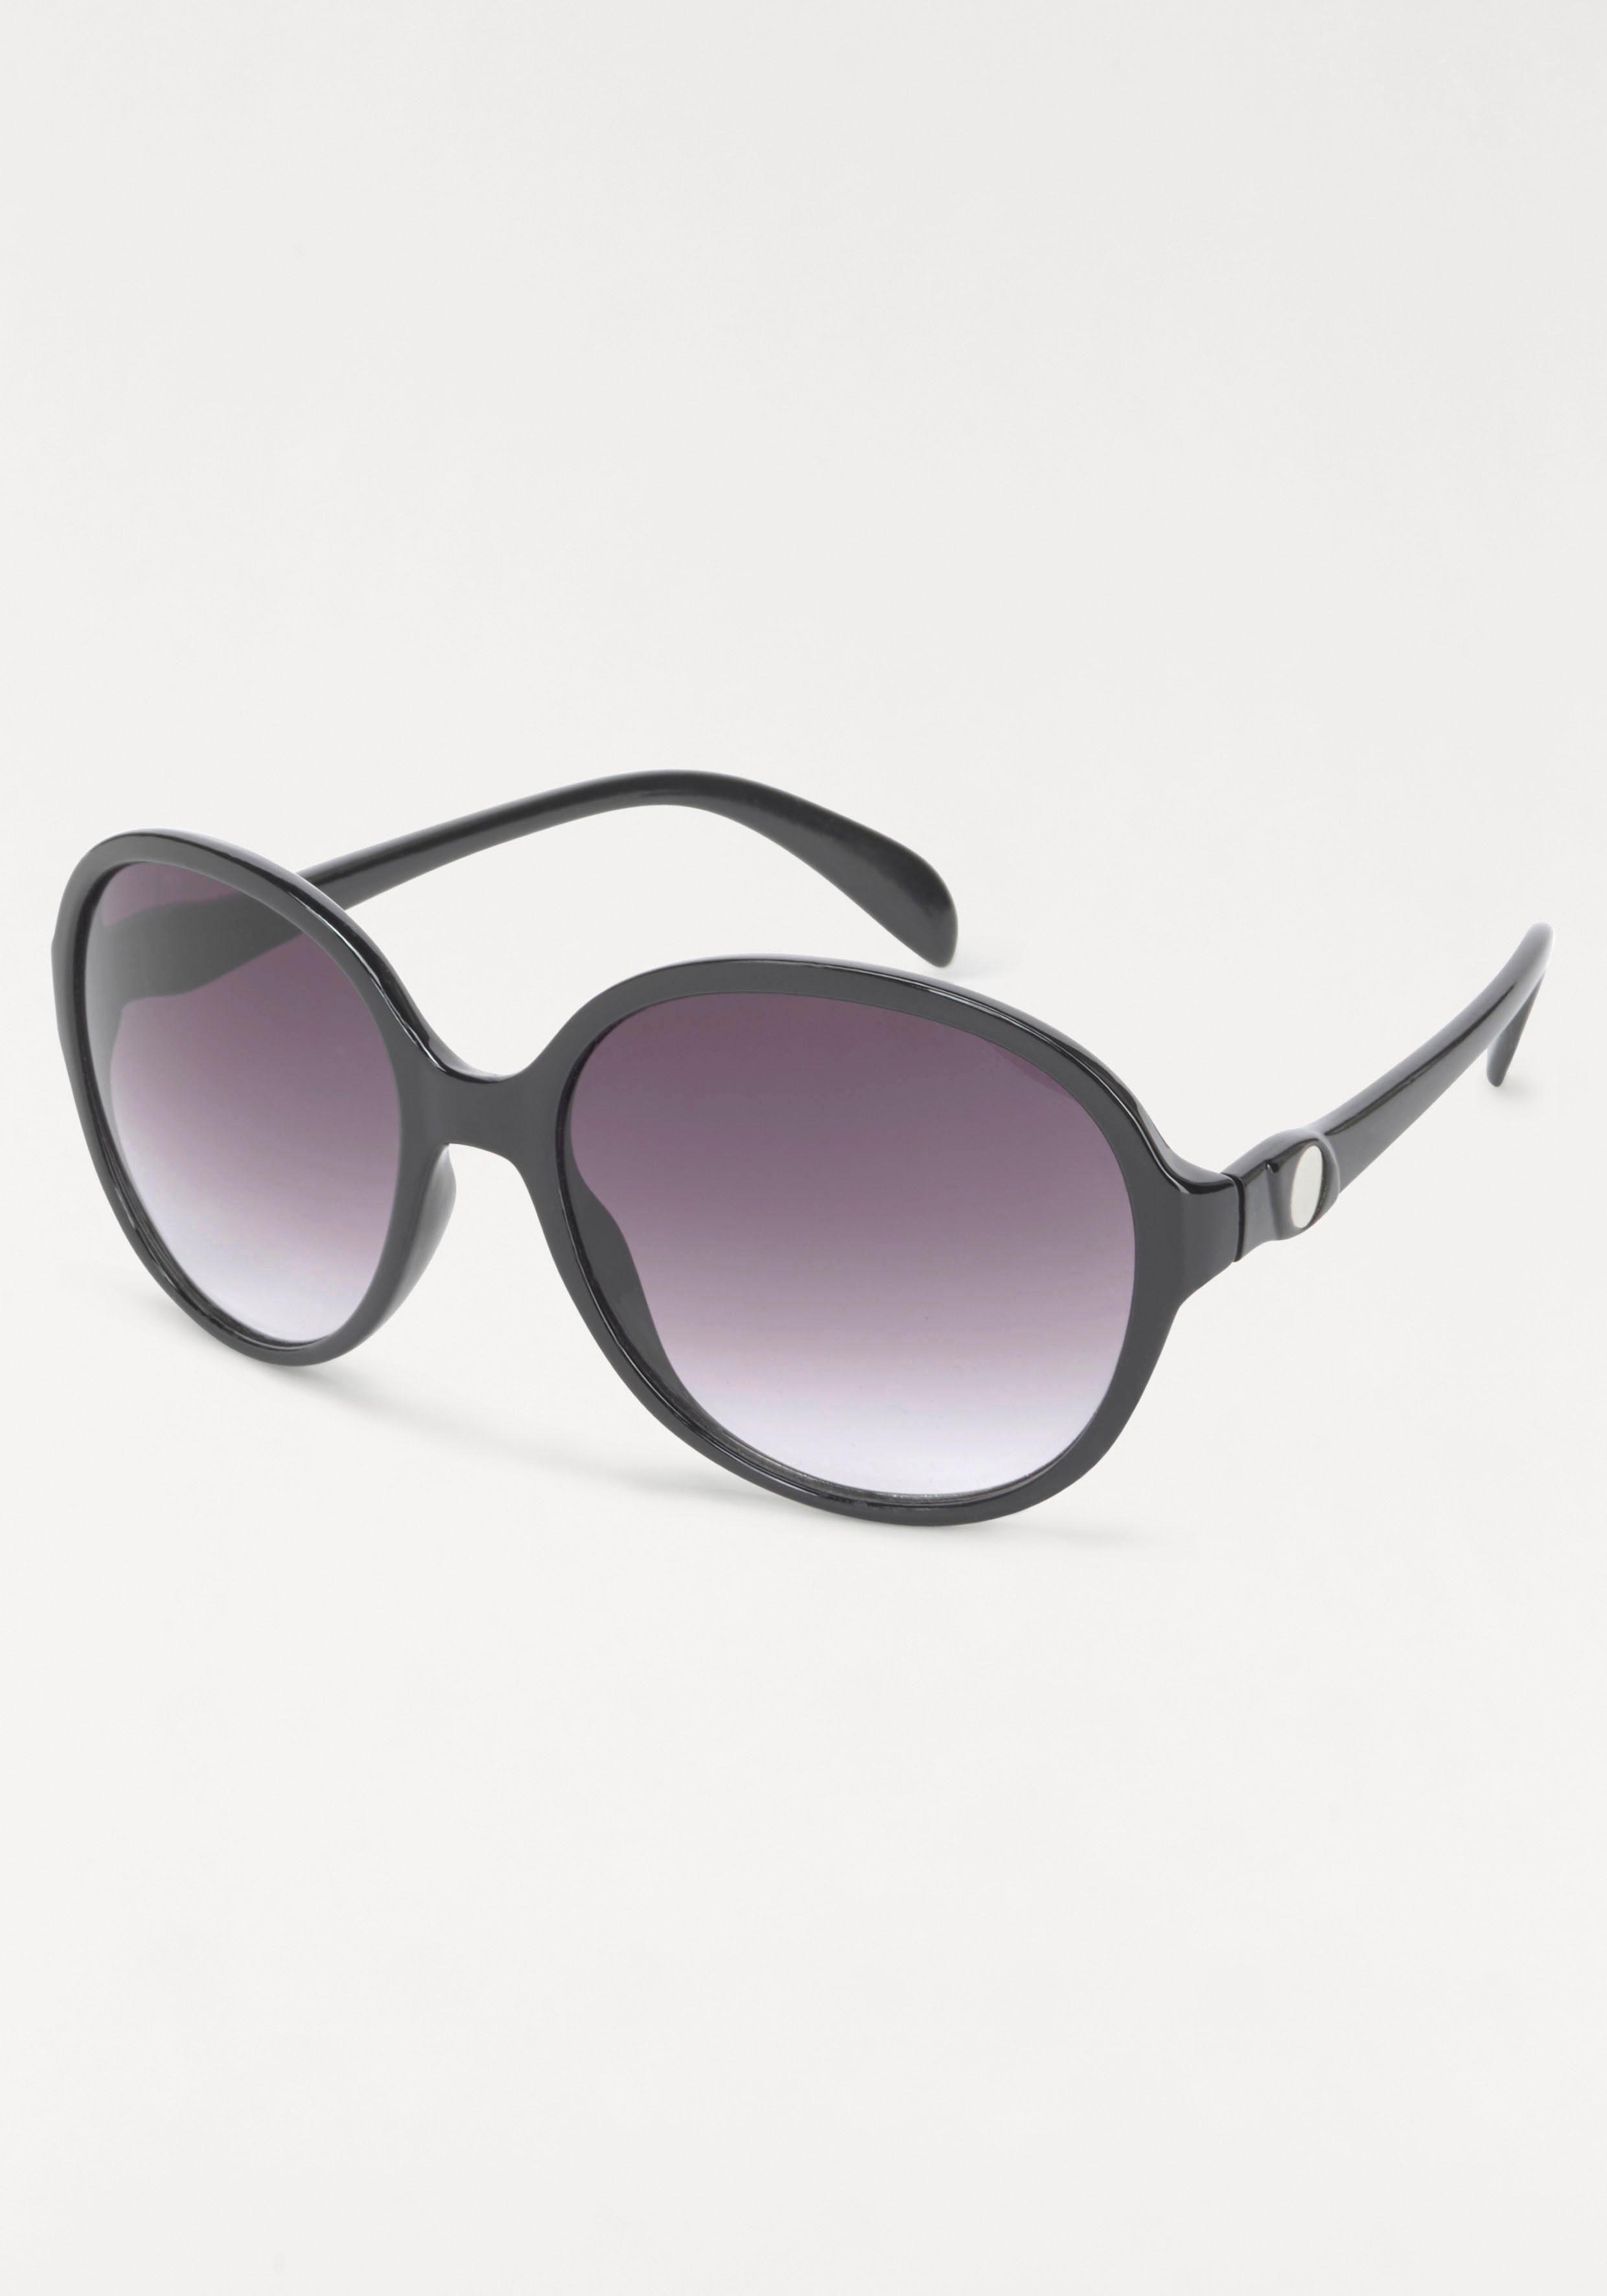 Sonnenbrille mit großen Gläsern, Oversize, Boho Style